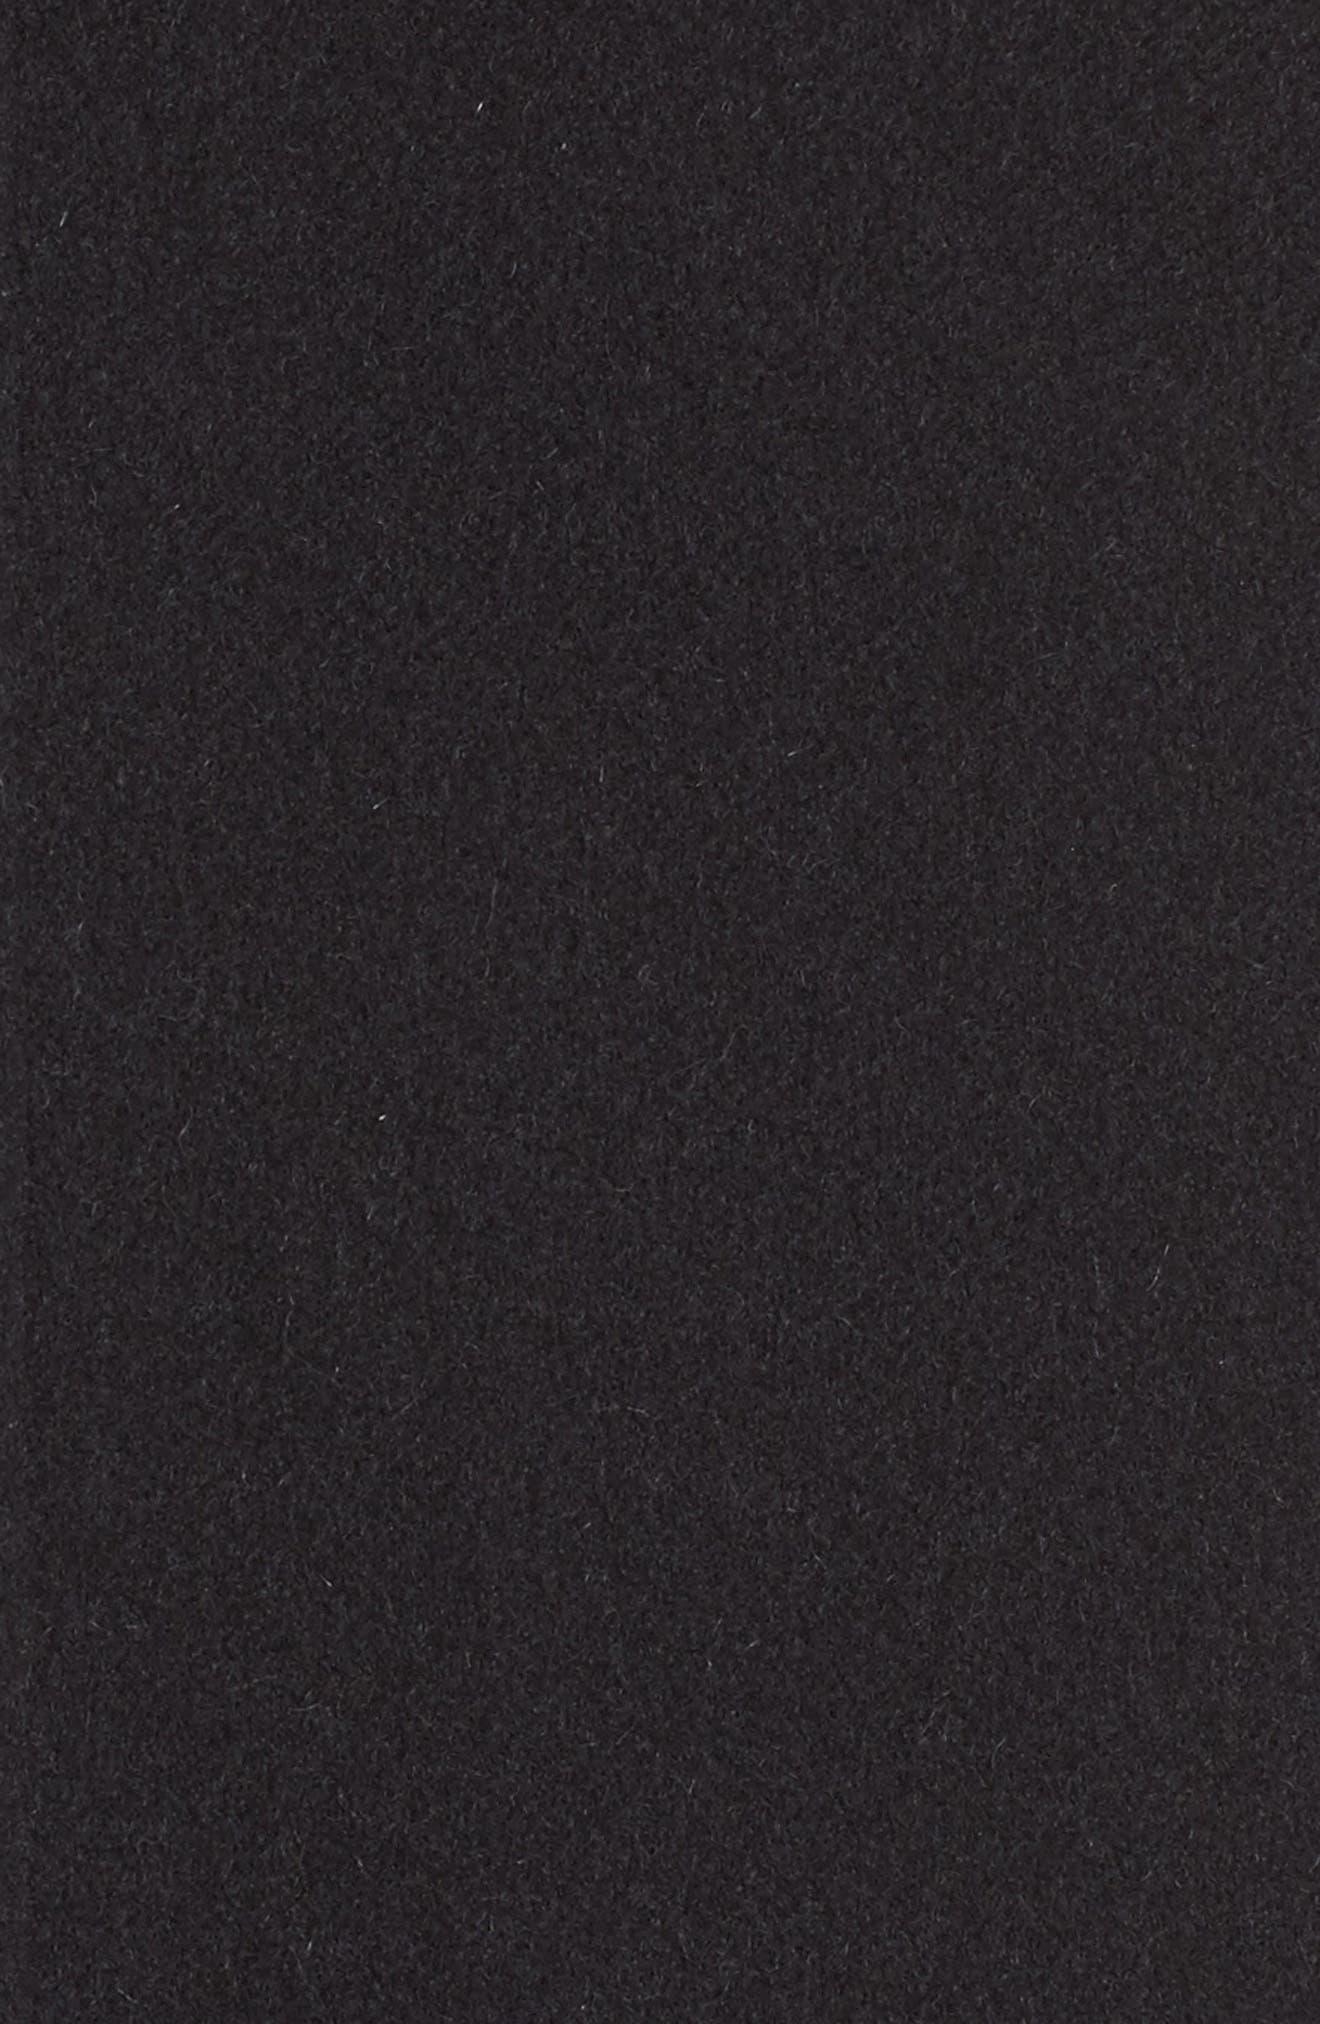 Wool, Alpaca & Cashmere Asymmetrical Vest,                             Alternate thumbnail 3, color,                             Black